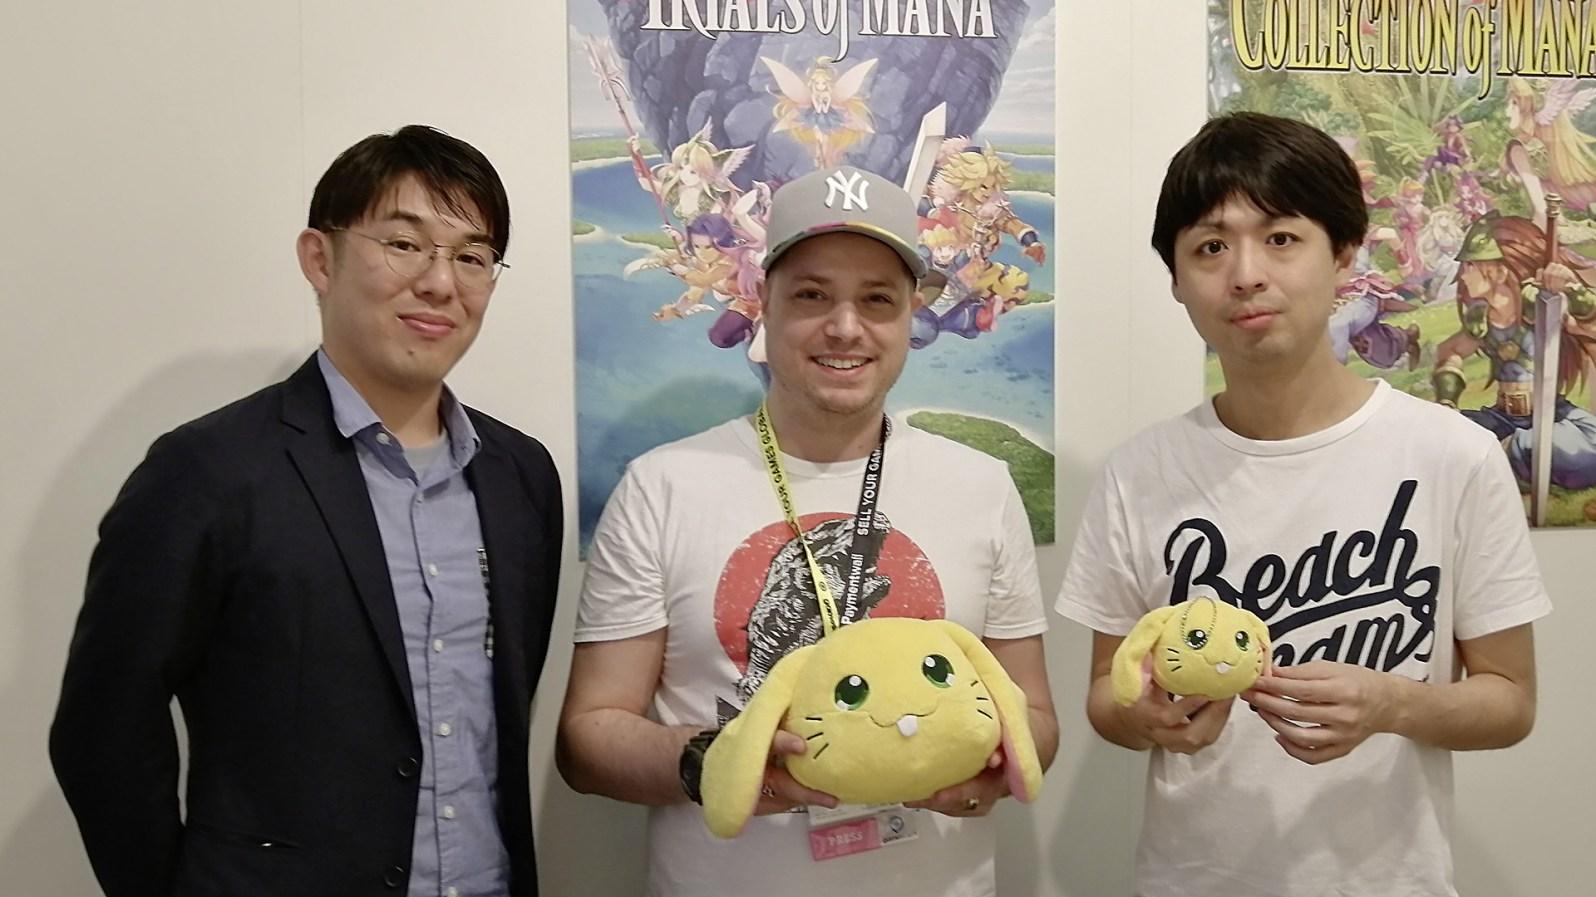 Ich habe für Euch die beiden Trials of Mana Producer Masaru Oyamada (links) & Shinichi Tatsuke (rechts) interviewen dürfen.